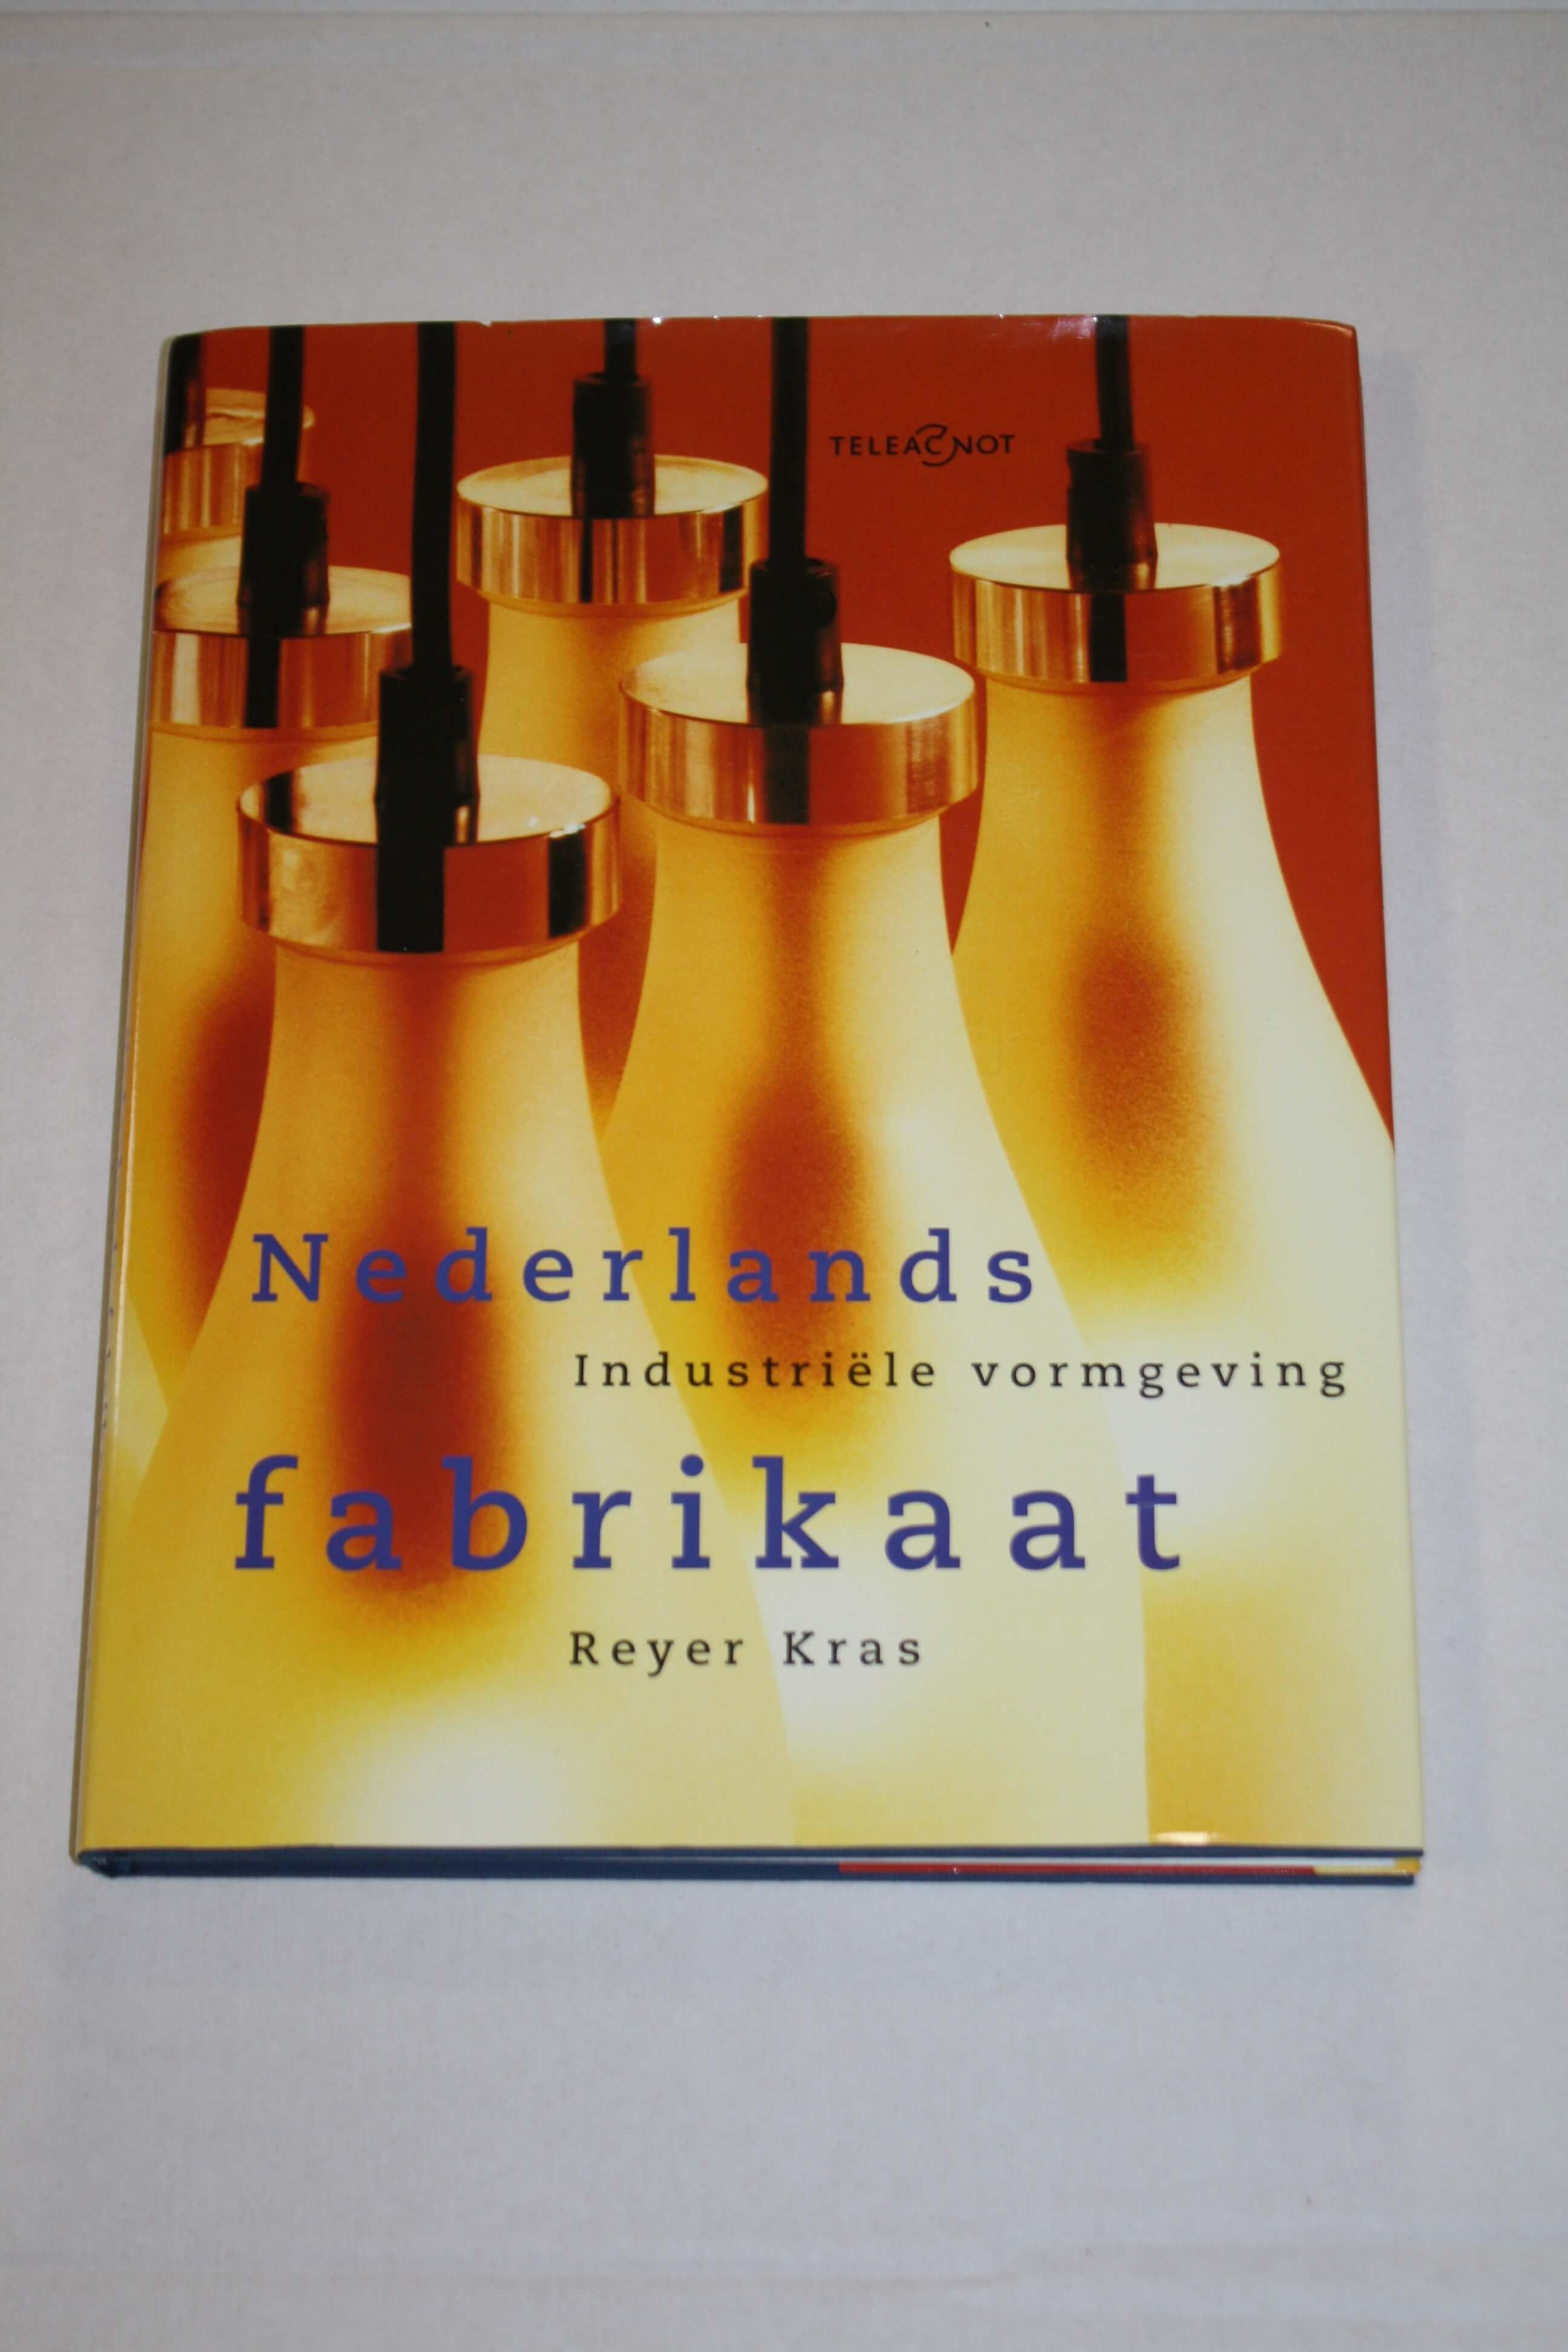 Nederlands fabricaat - Kunst Kabinet